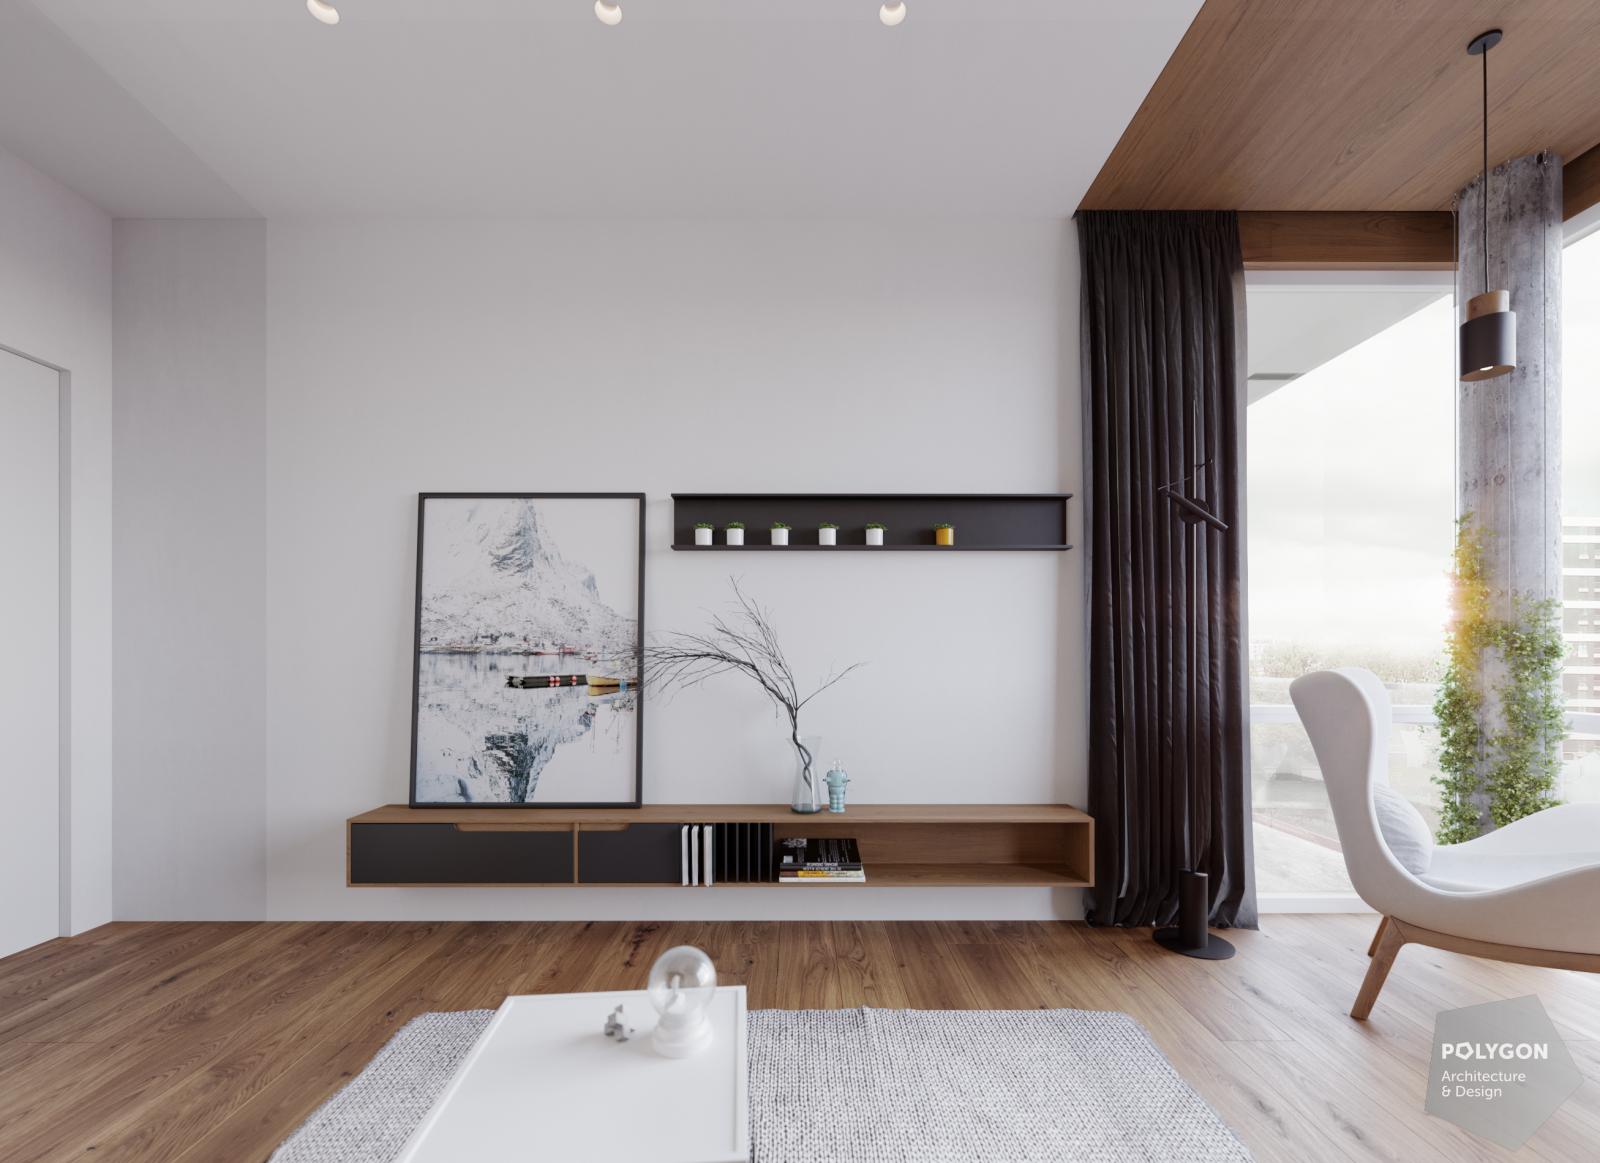 візуалізація інтер'єру кабінета у #brody_apartment від Polygon